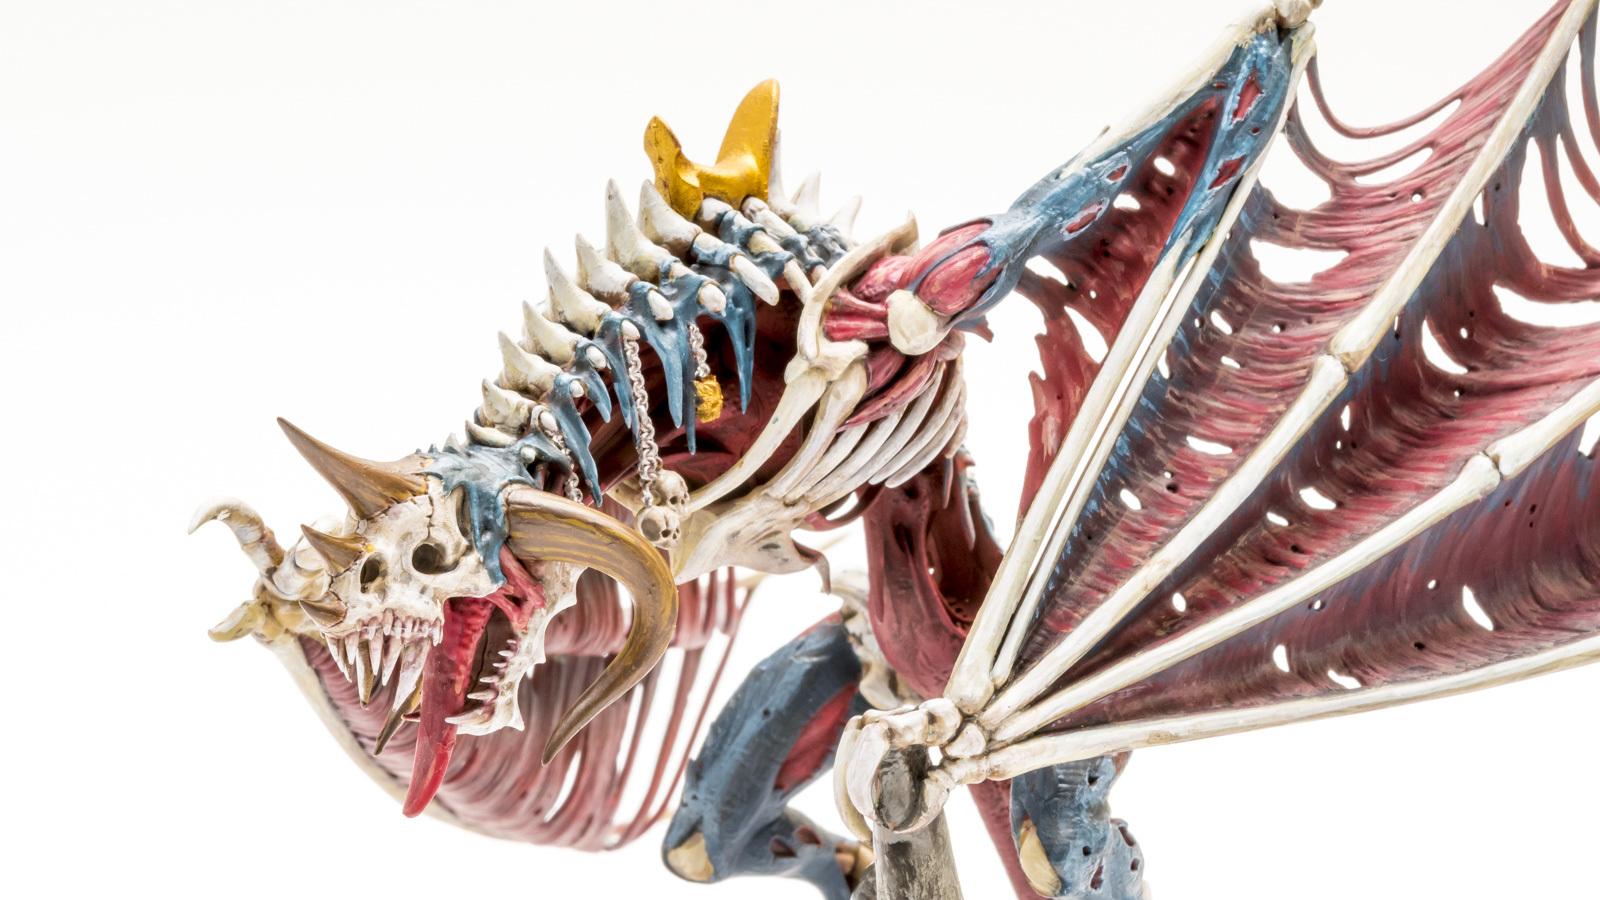 キミは腐ったドラゴンのプラモデルを組んだことがあるか(後編)_b0029315_13412863.jpg